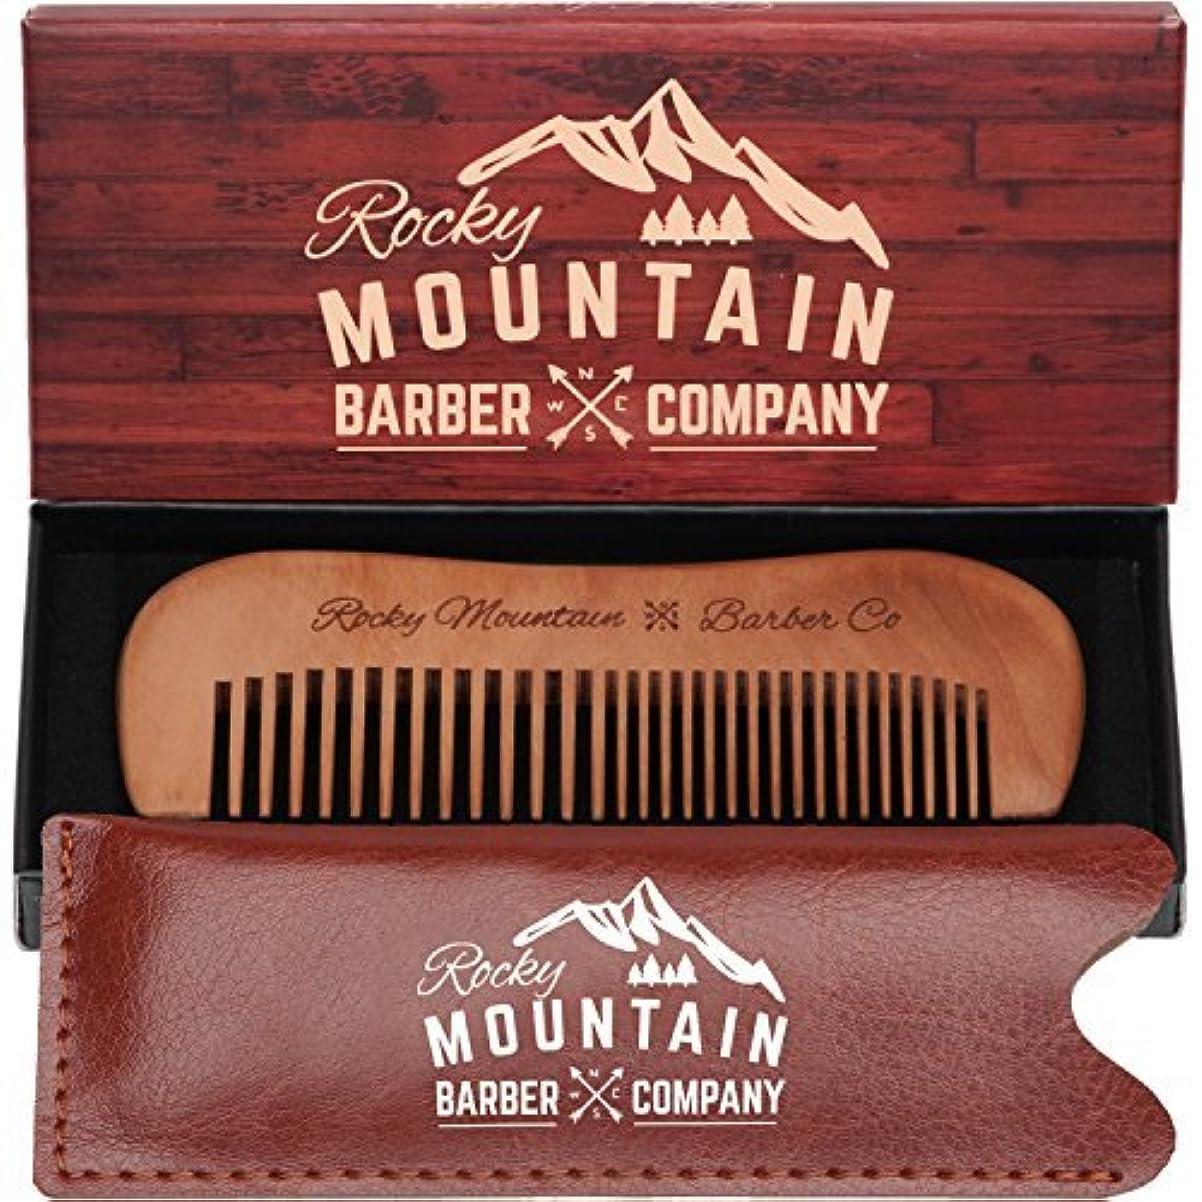 同意放課後樫の木Travel Hair Comb - Travel Size Comb with Fine and Medium Tooth for Mustache, Beard and Hair With Pocket Carrying...